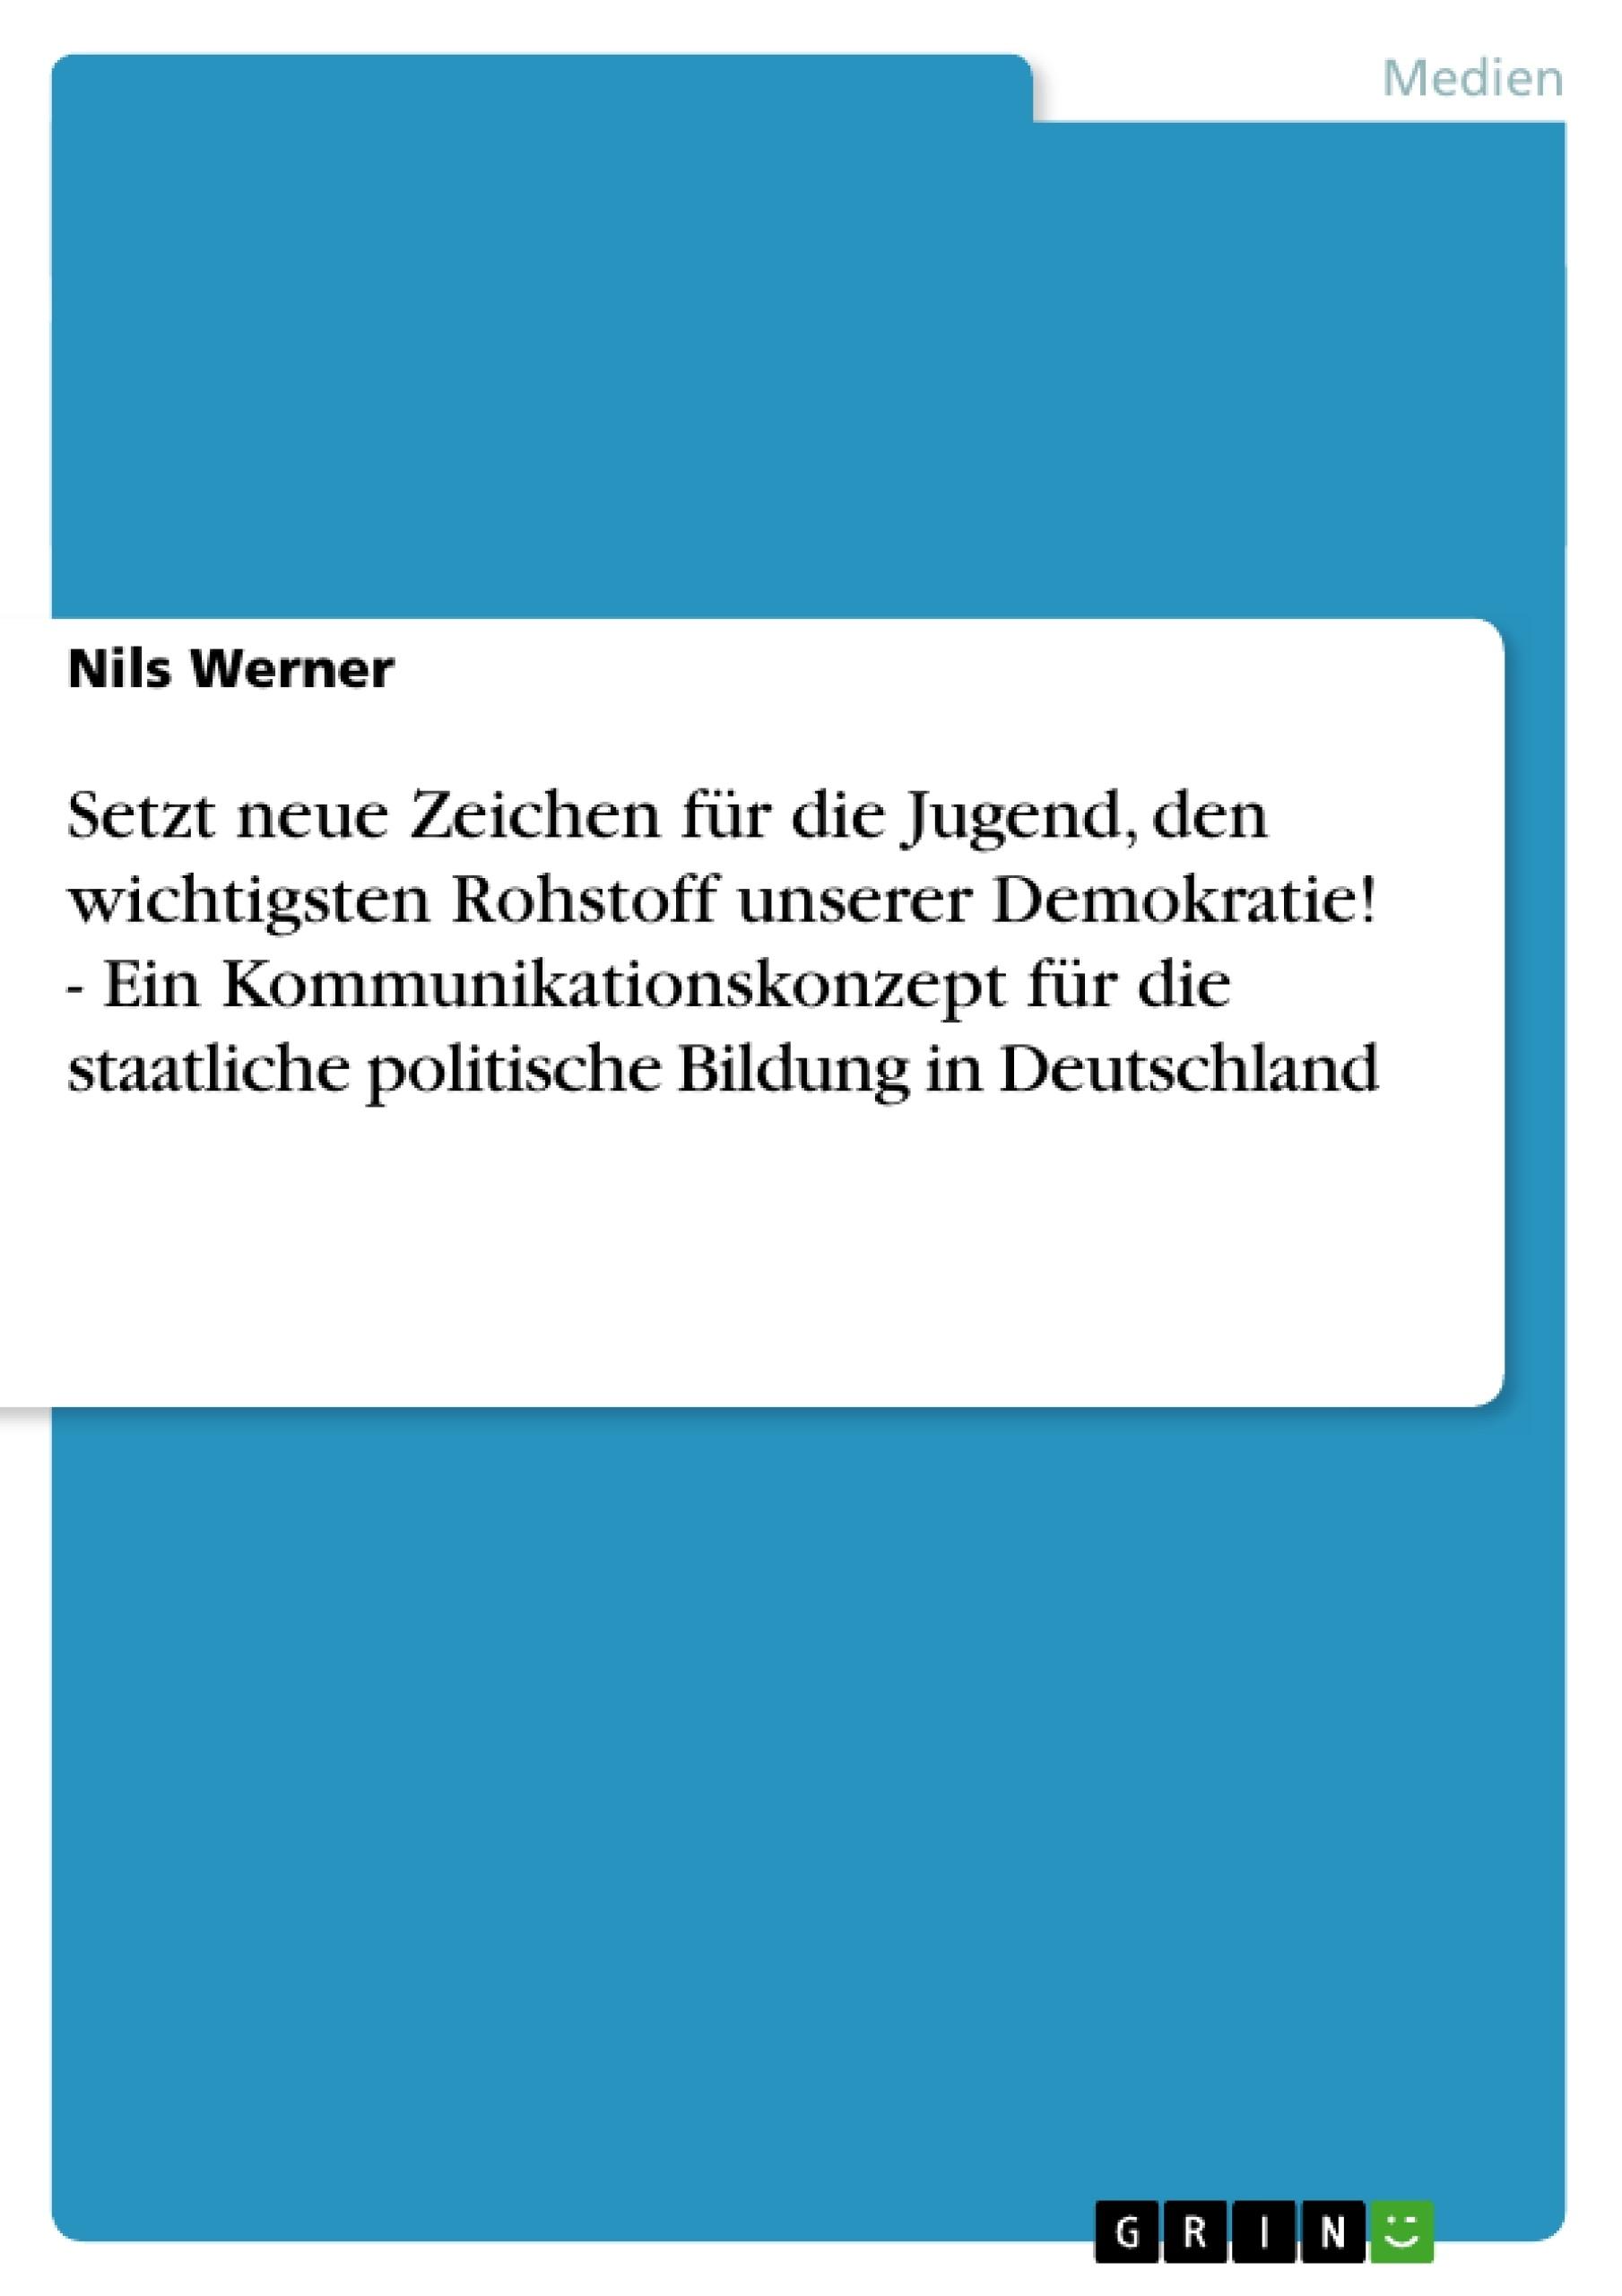 Titel: Setzt neue Zeichen für die Jugend, den wichtigsten Rohstoff unserer Demokratie! - Ein Kommunikationskonzept für die staatliche politische Bildung in Deutschland